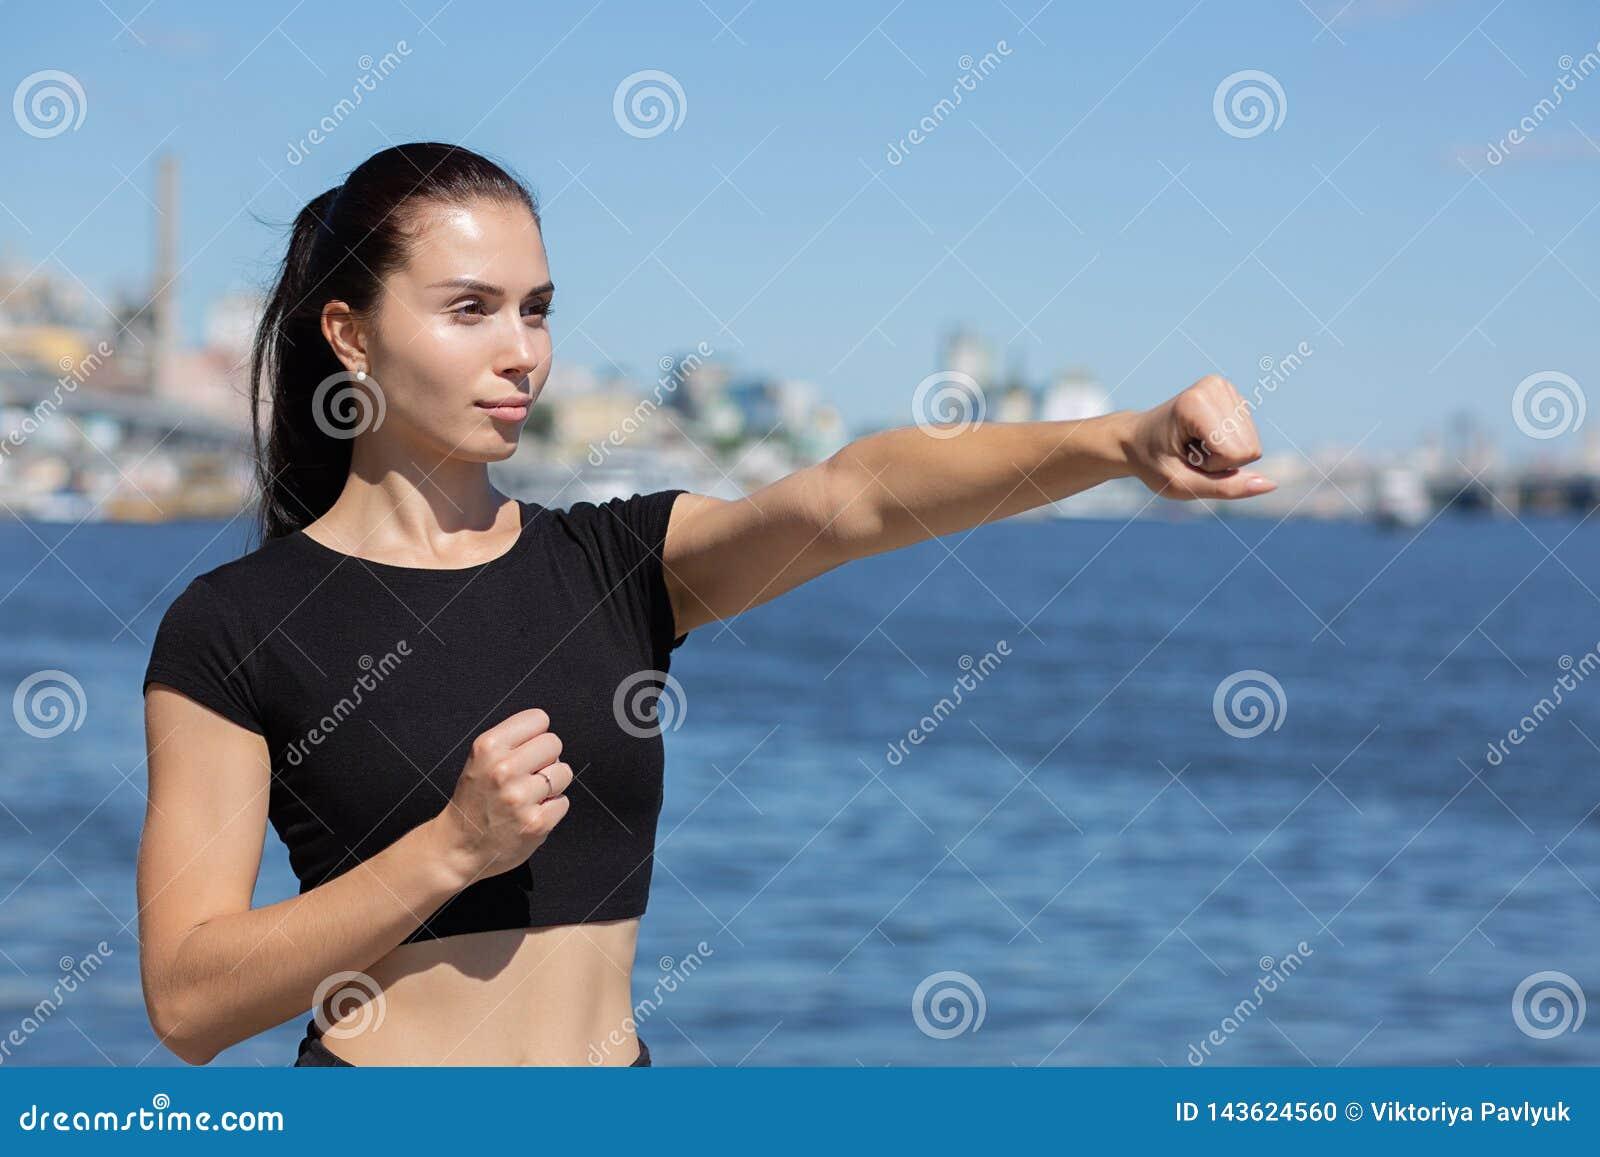 Formation sportive forte de fille à enfermer dans une boîte près de la rivière L espace pour le texte